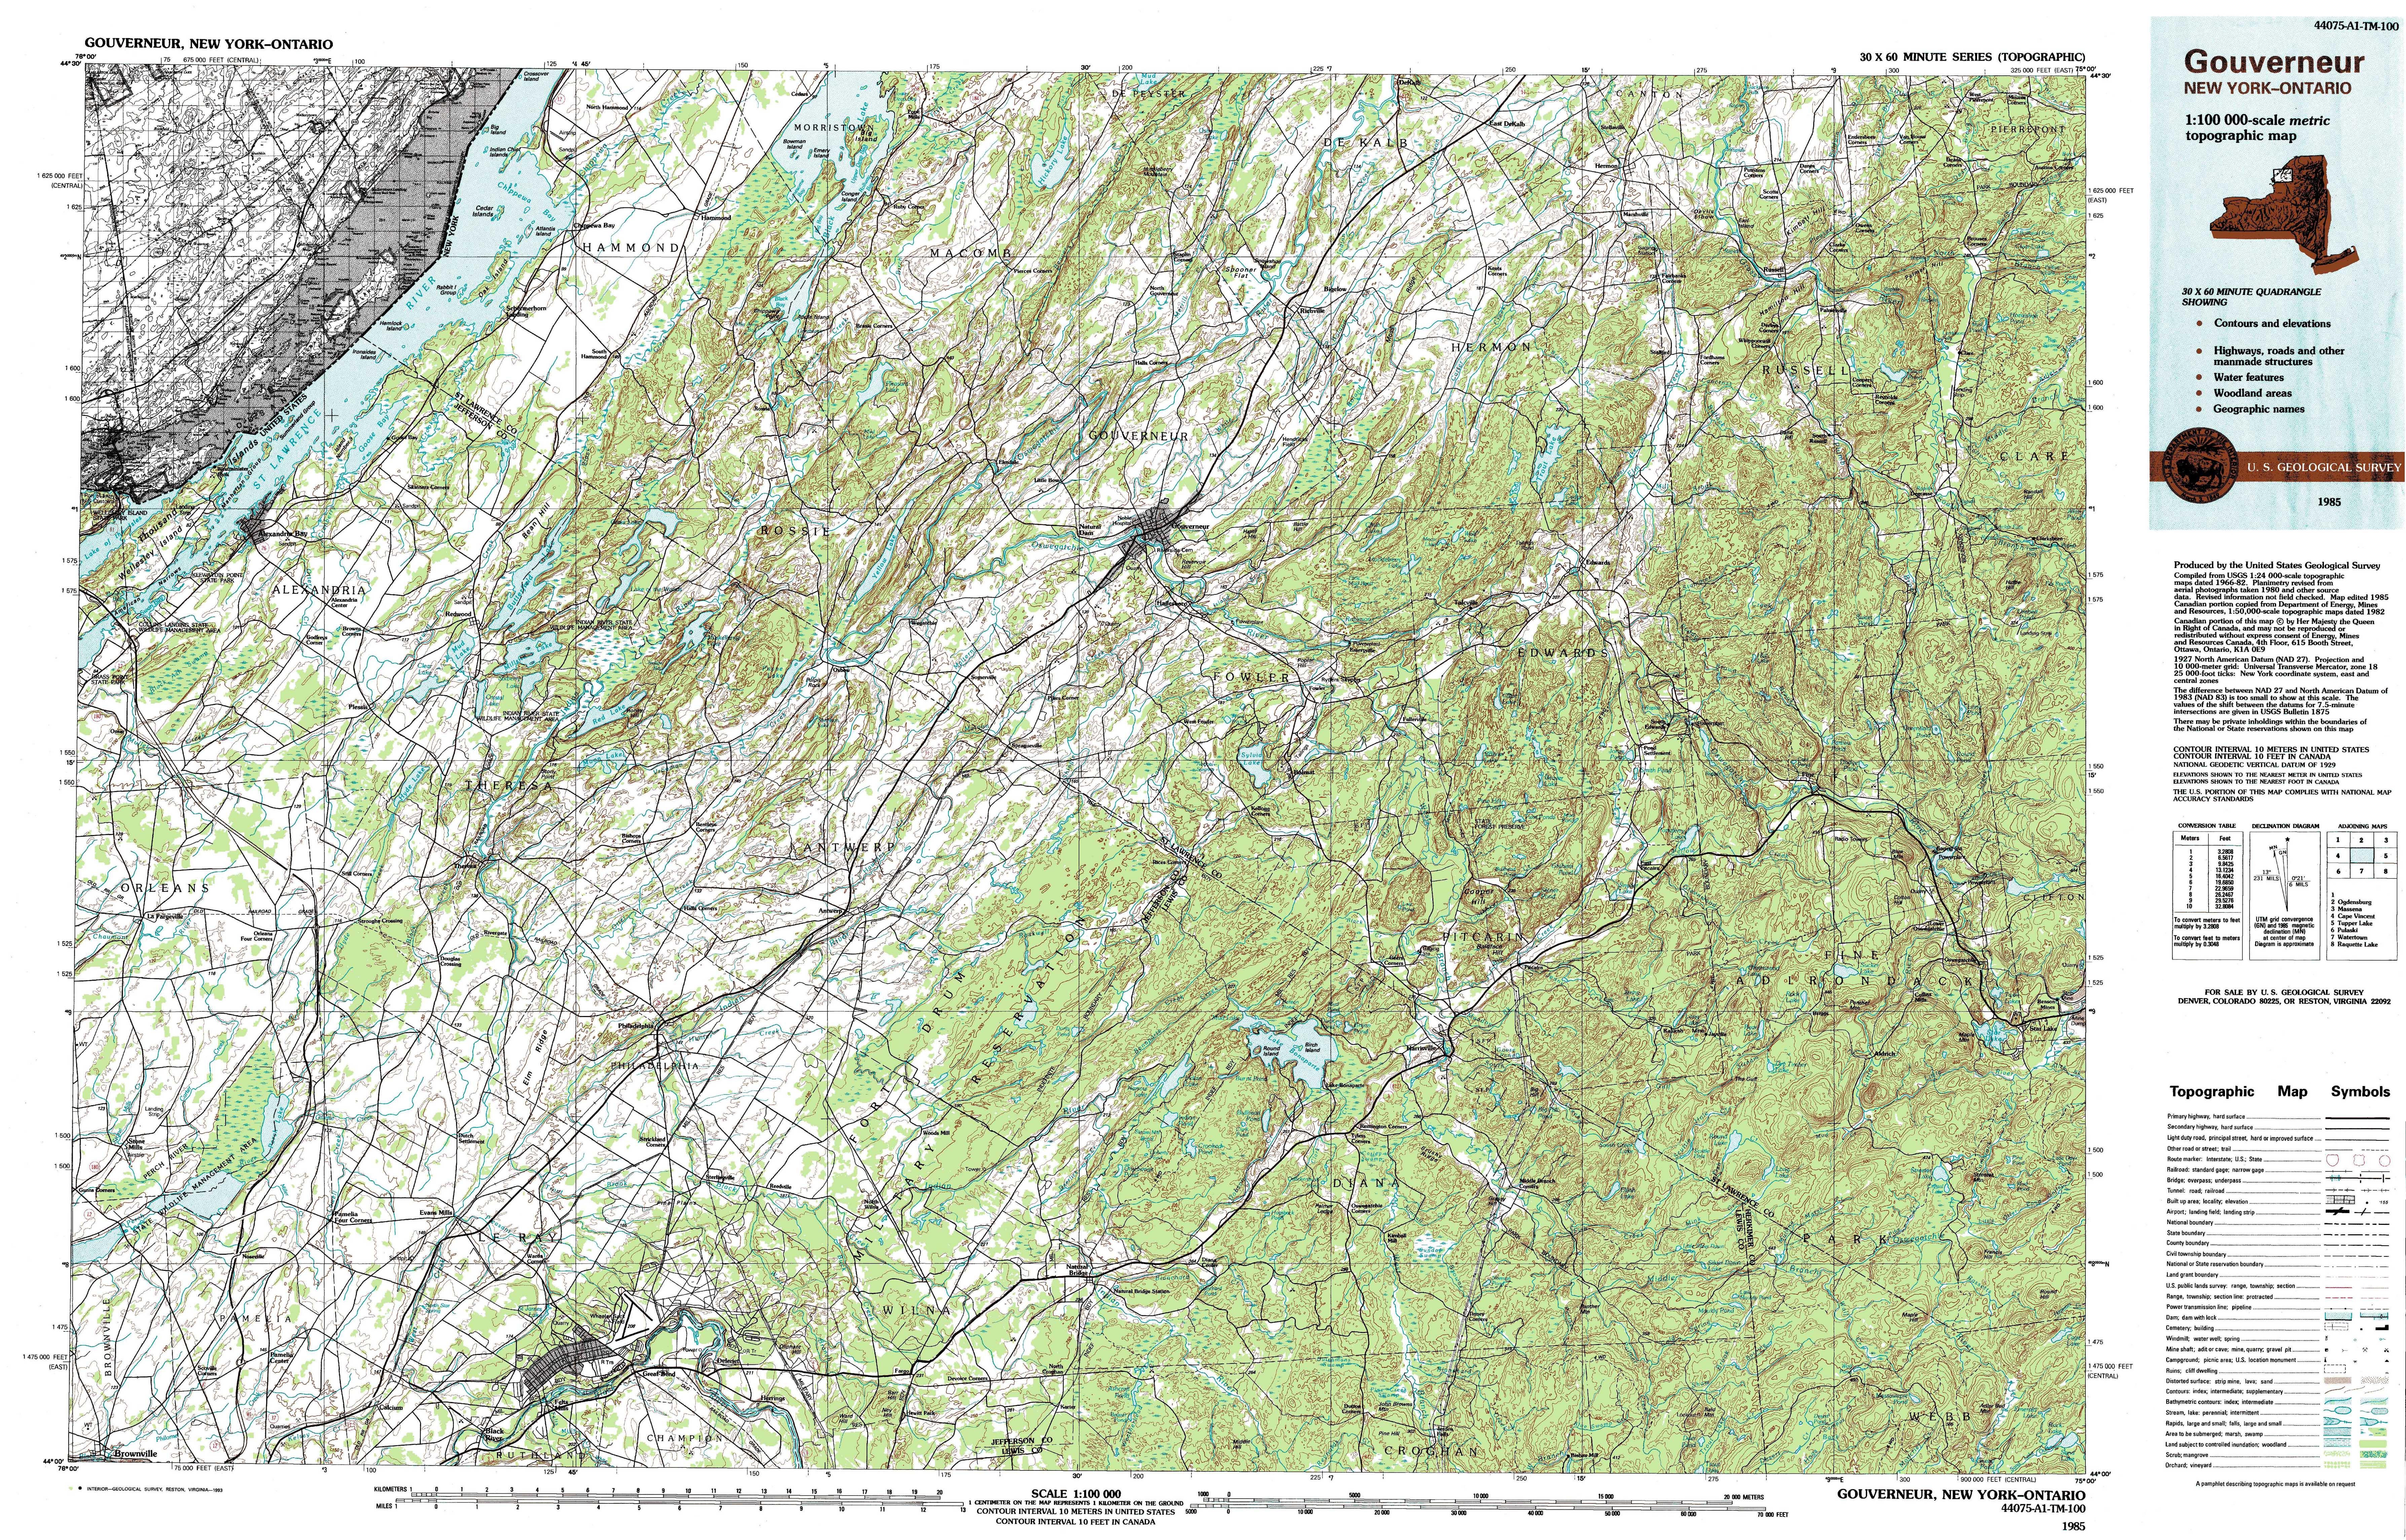 Ontario Topographic Map.New York Topo Maps Topographic Maps 1 100 000